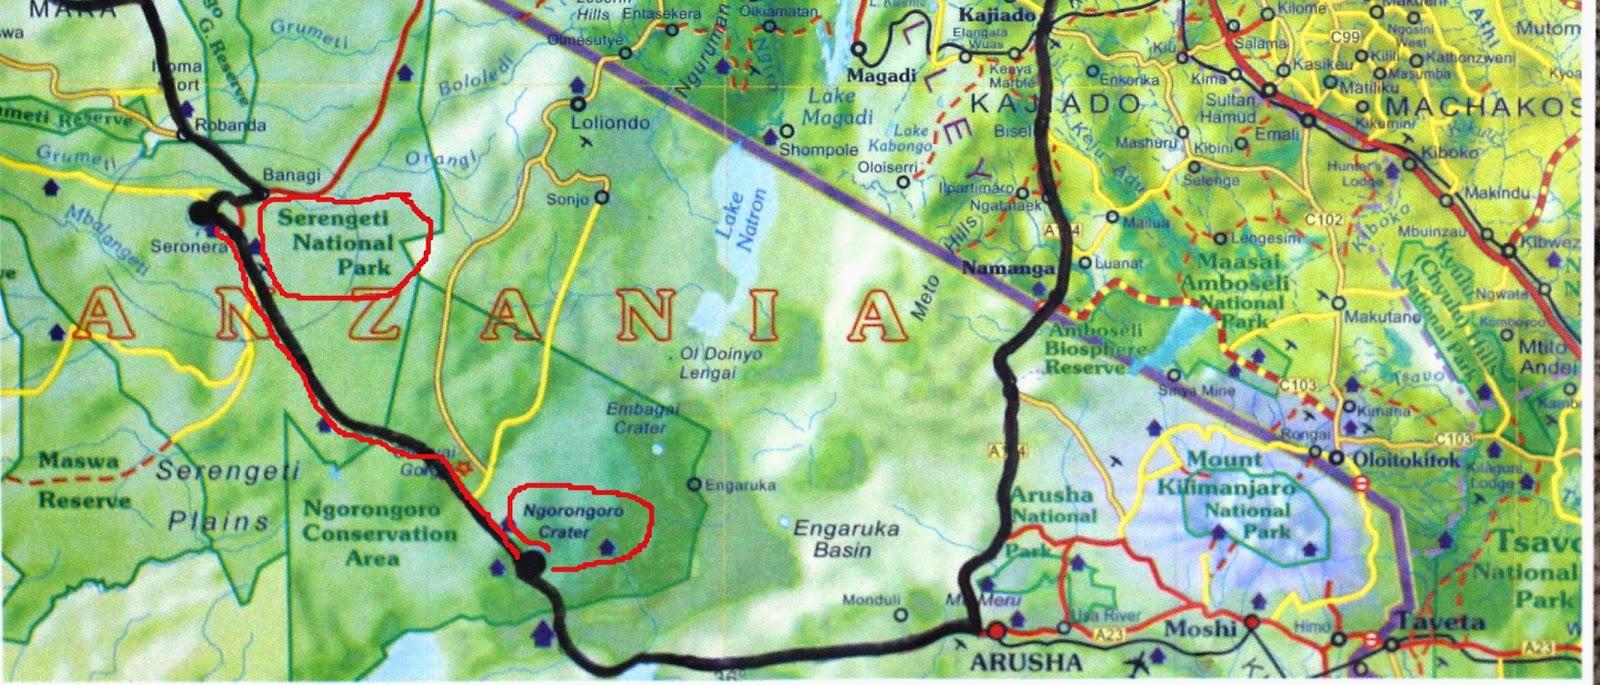 Souvenir Chronicles Africa Ngorongoro Crater Part 1 The Garden Of Eden Tanzania